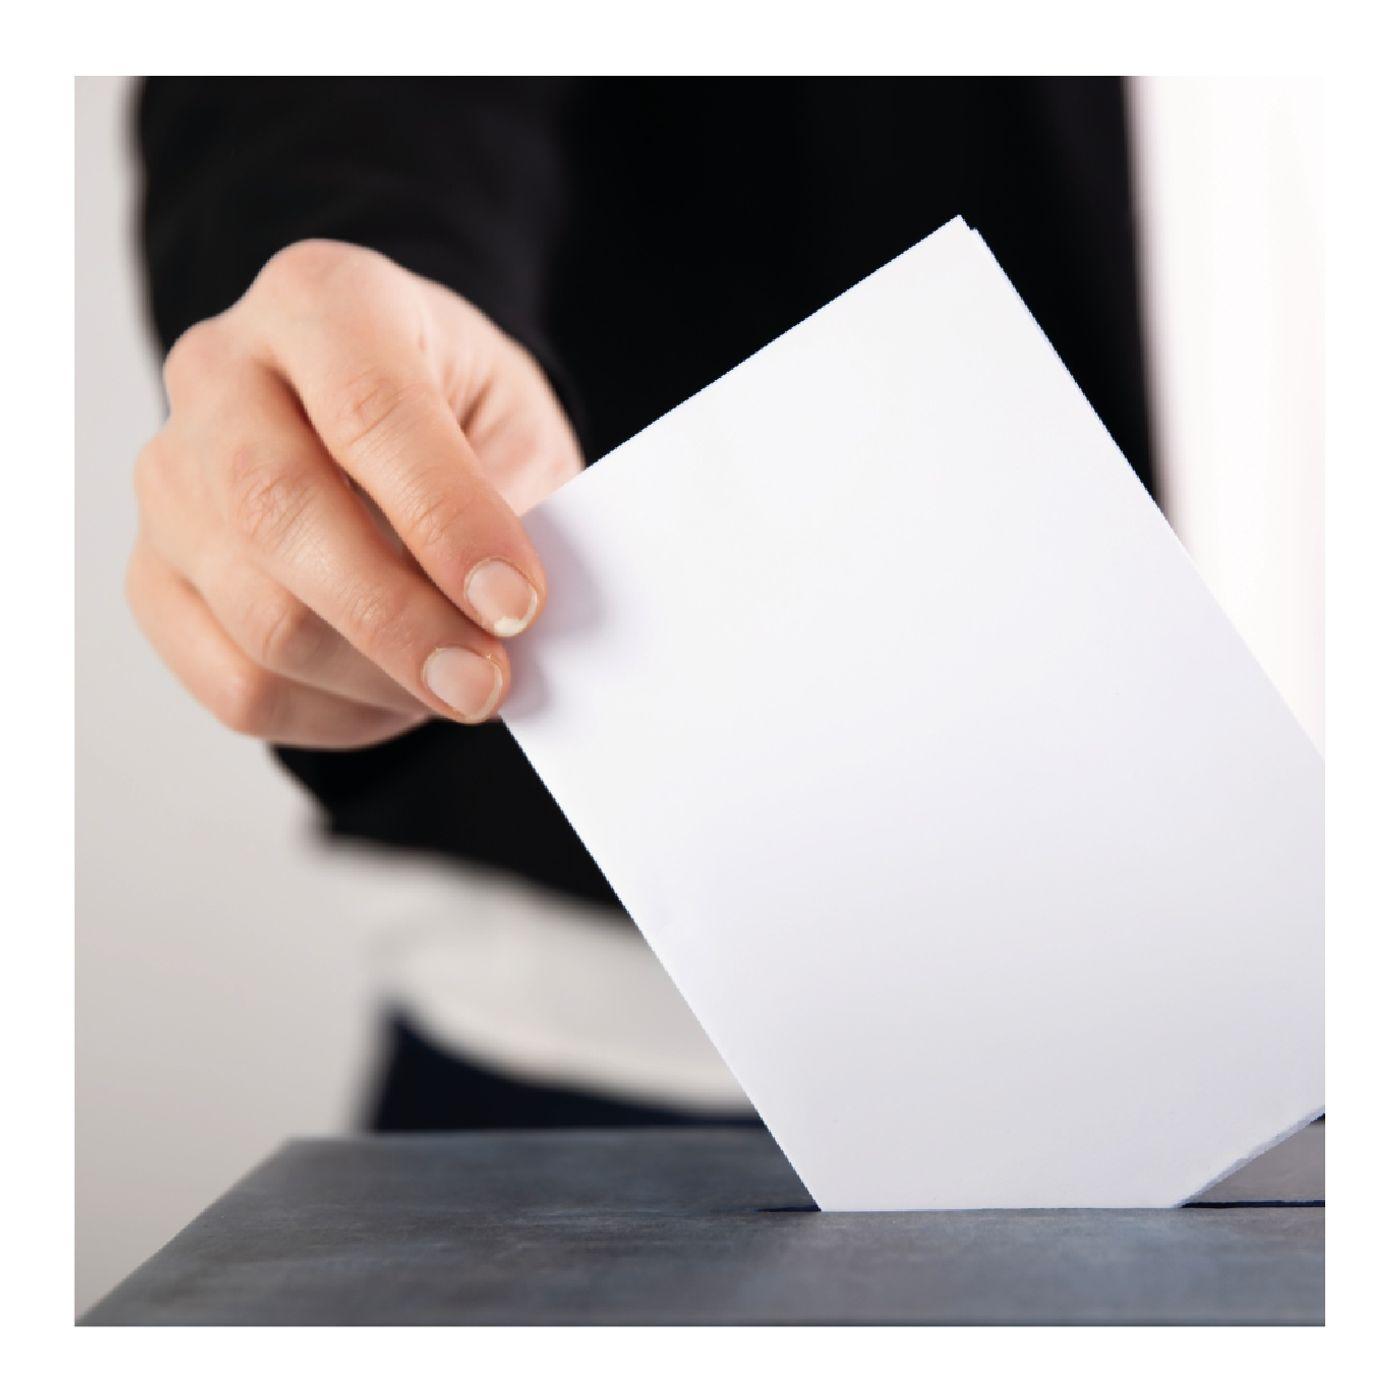 Elezioni, tutto quello che c'è da sapere sul voto nei principali comuni d'Italia